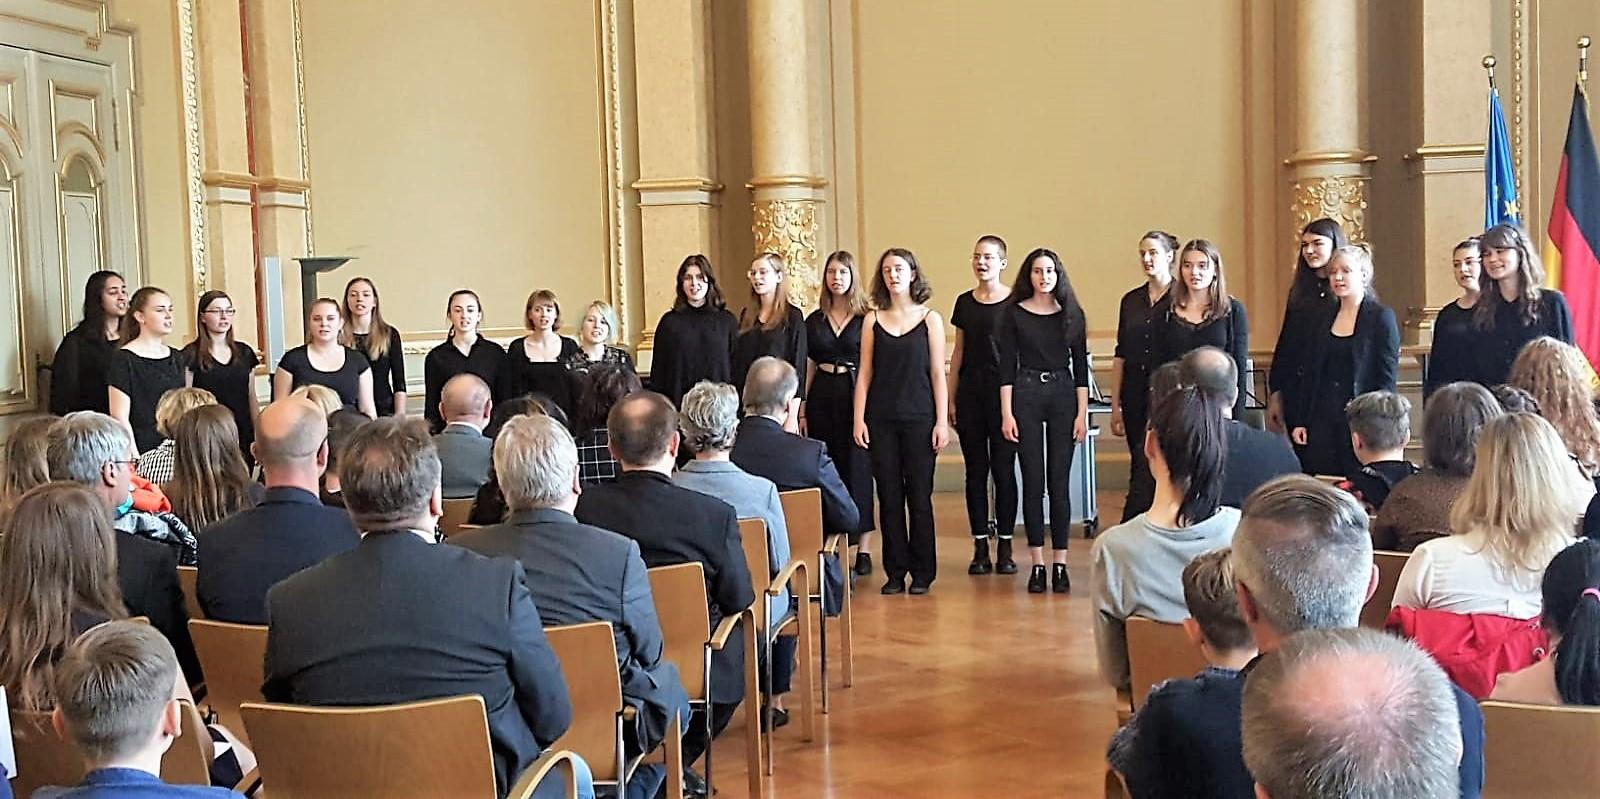 Madchen der Chorklasse 11-2 s ingen in der Staatskanzlei